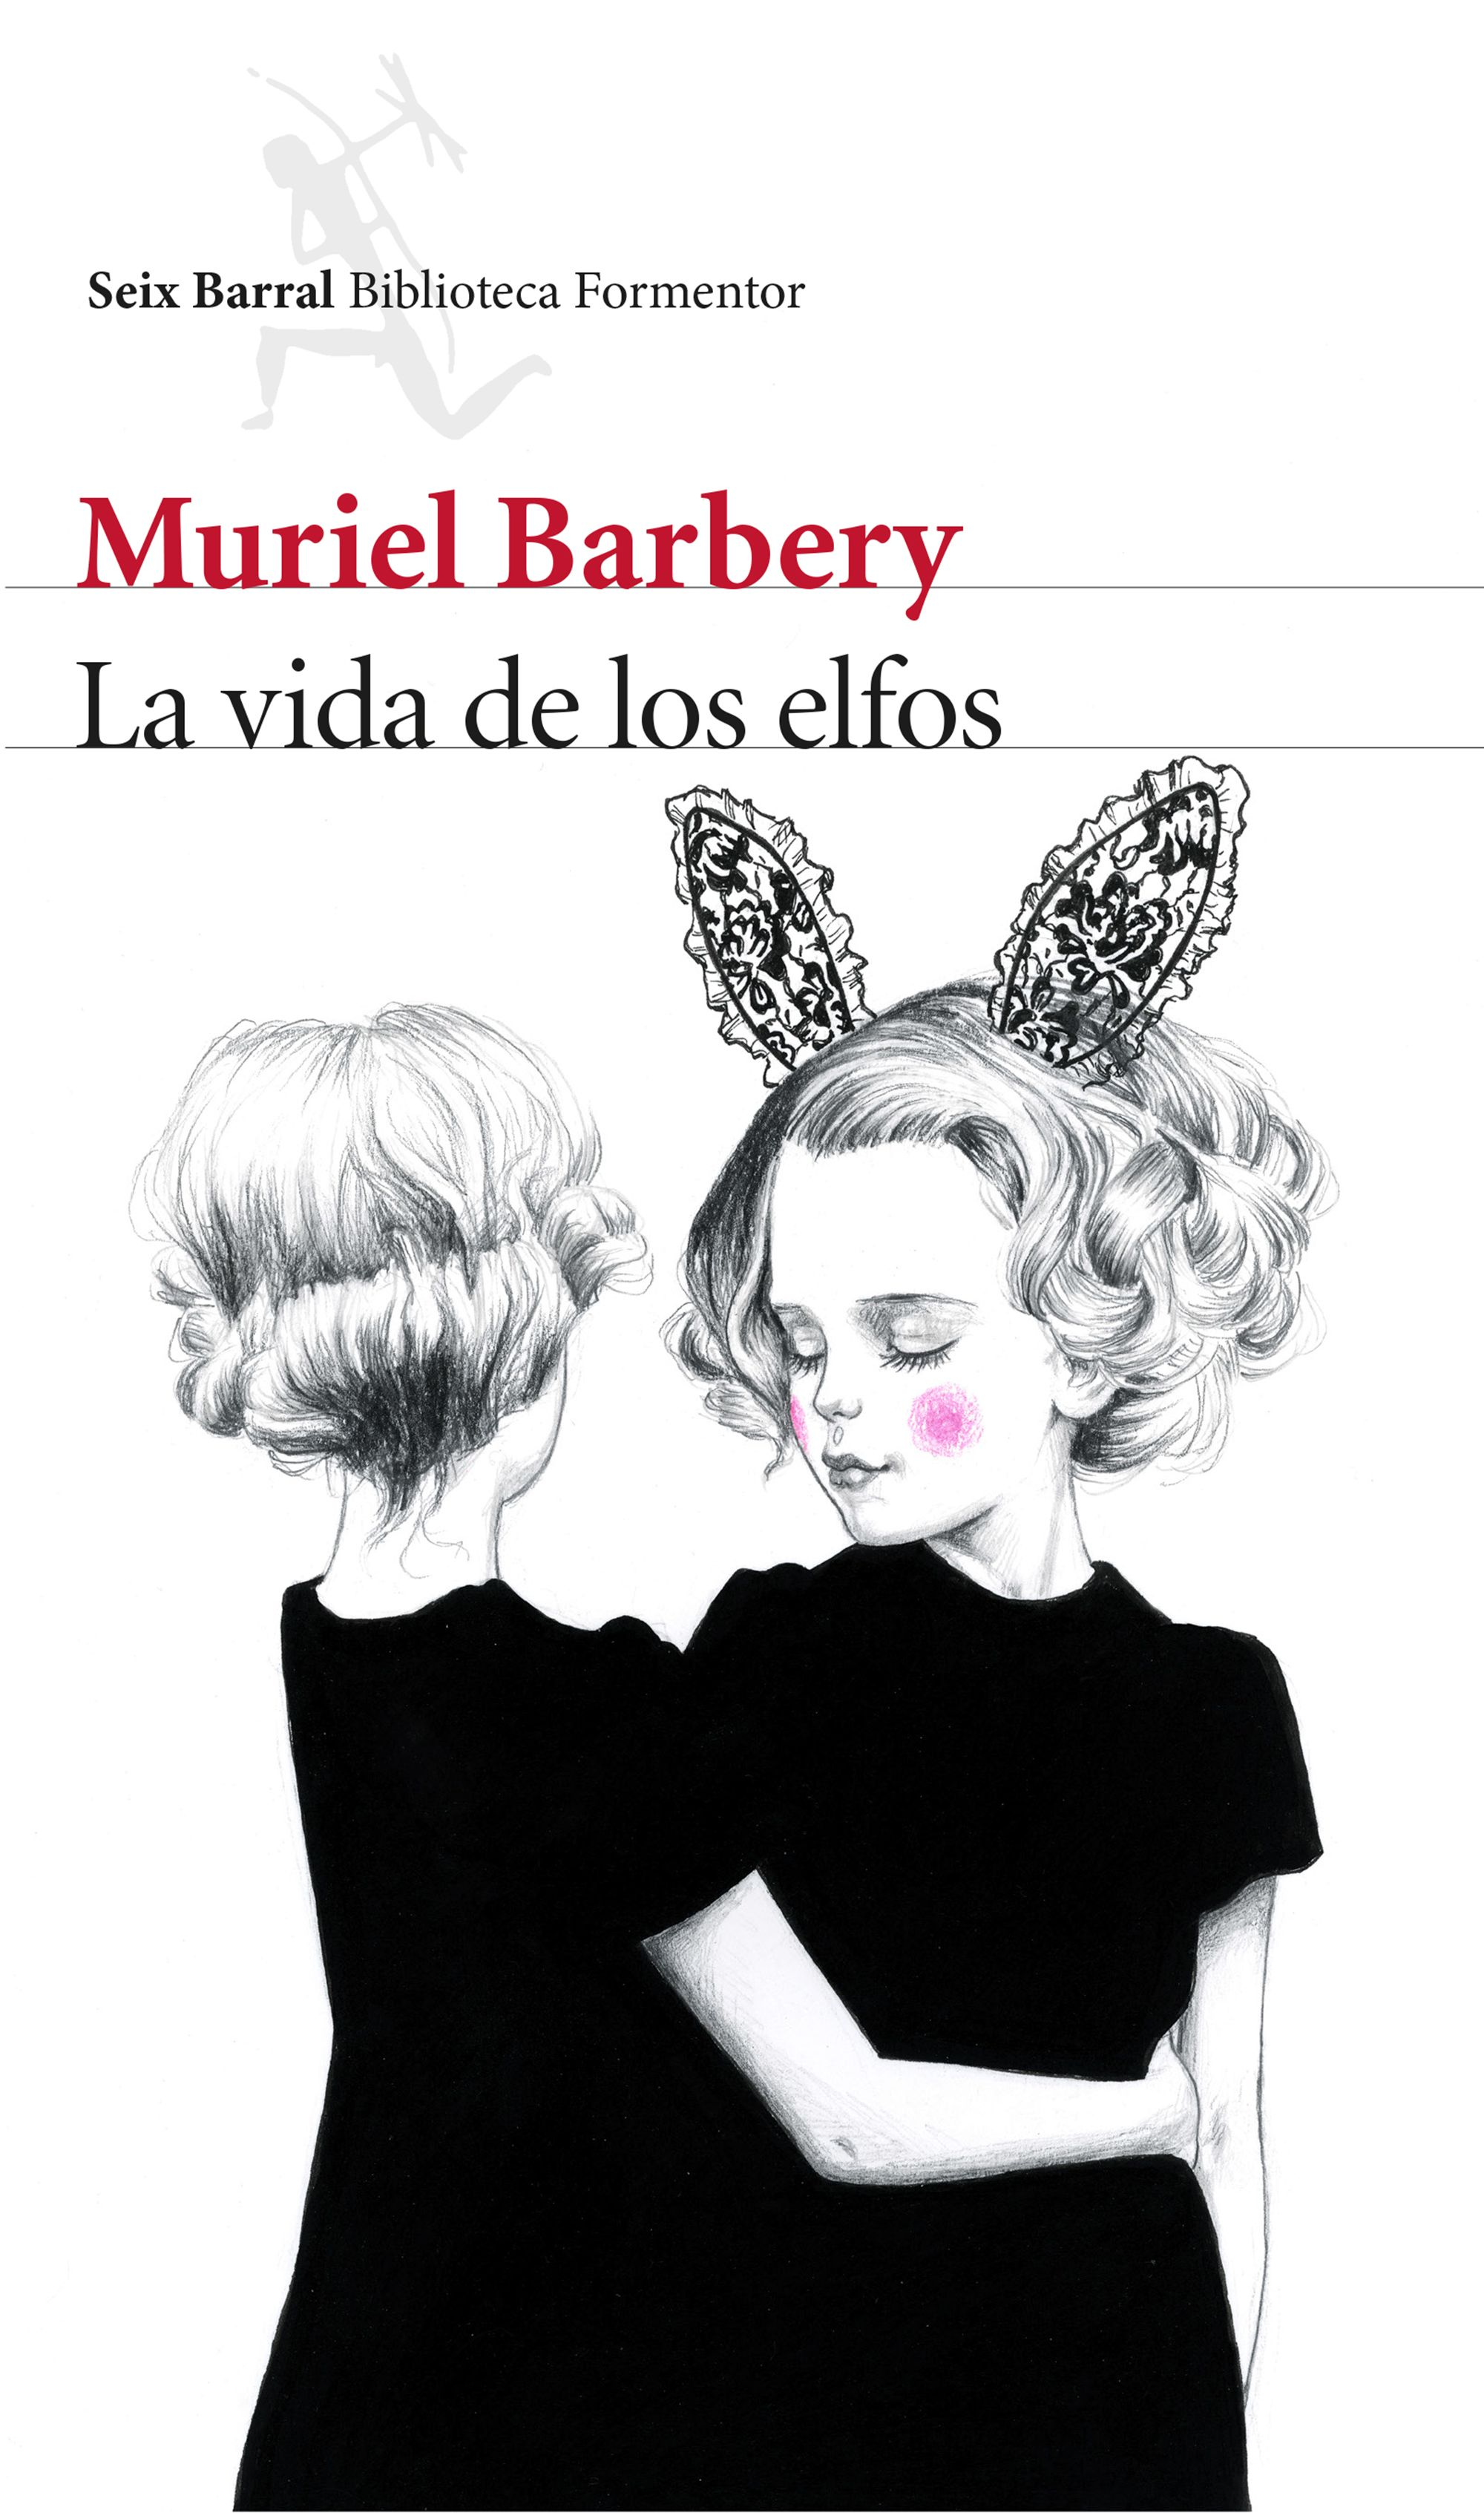 portada_la-vida-de-los-elfos_muriel-barbery_201505291008